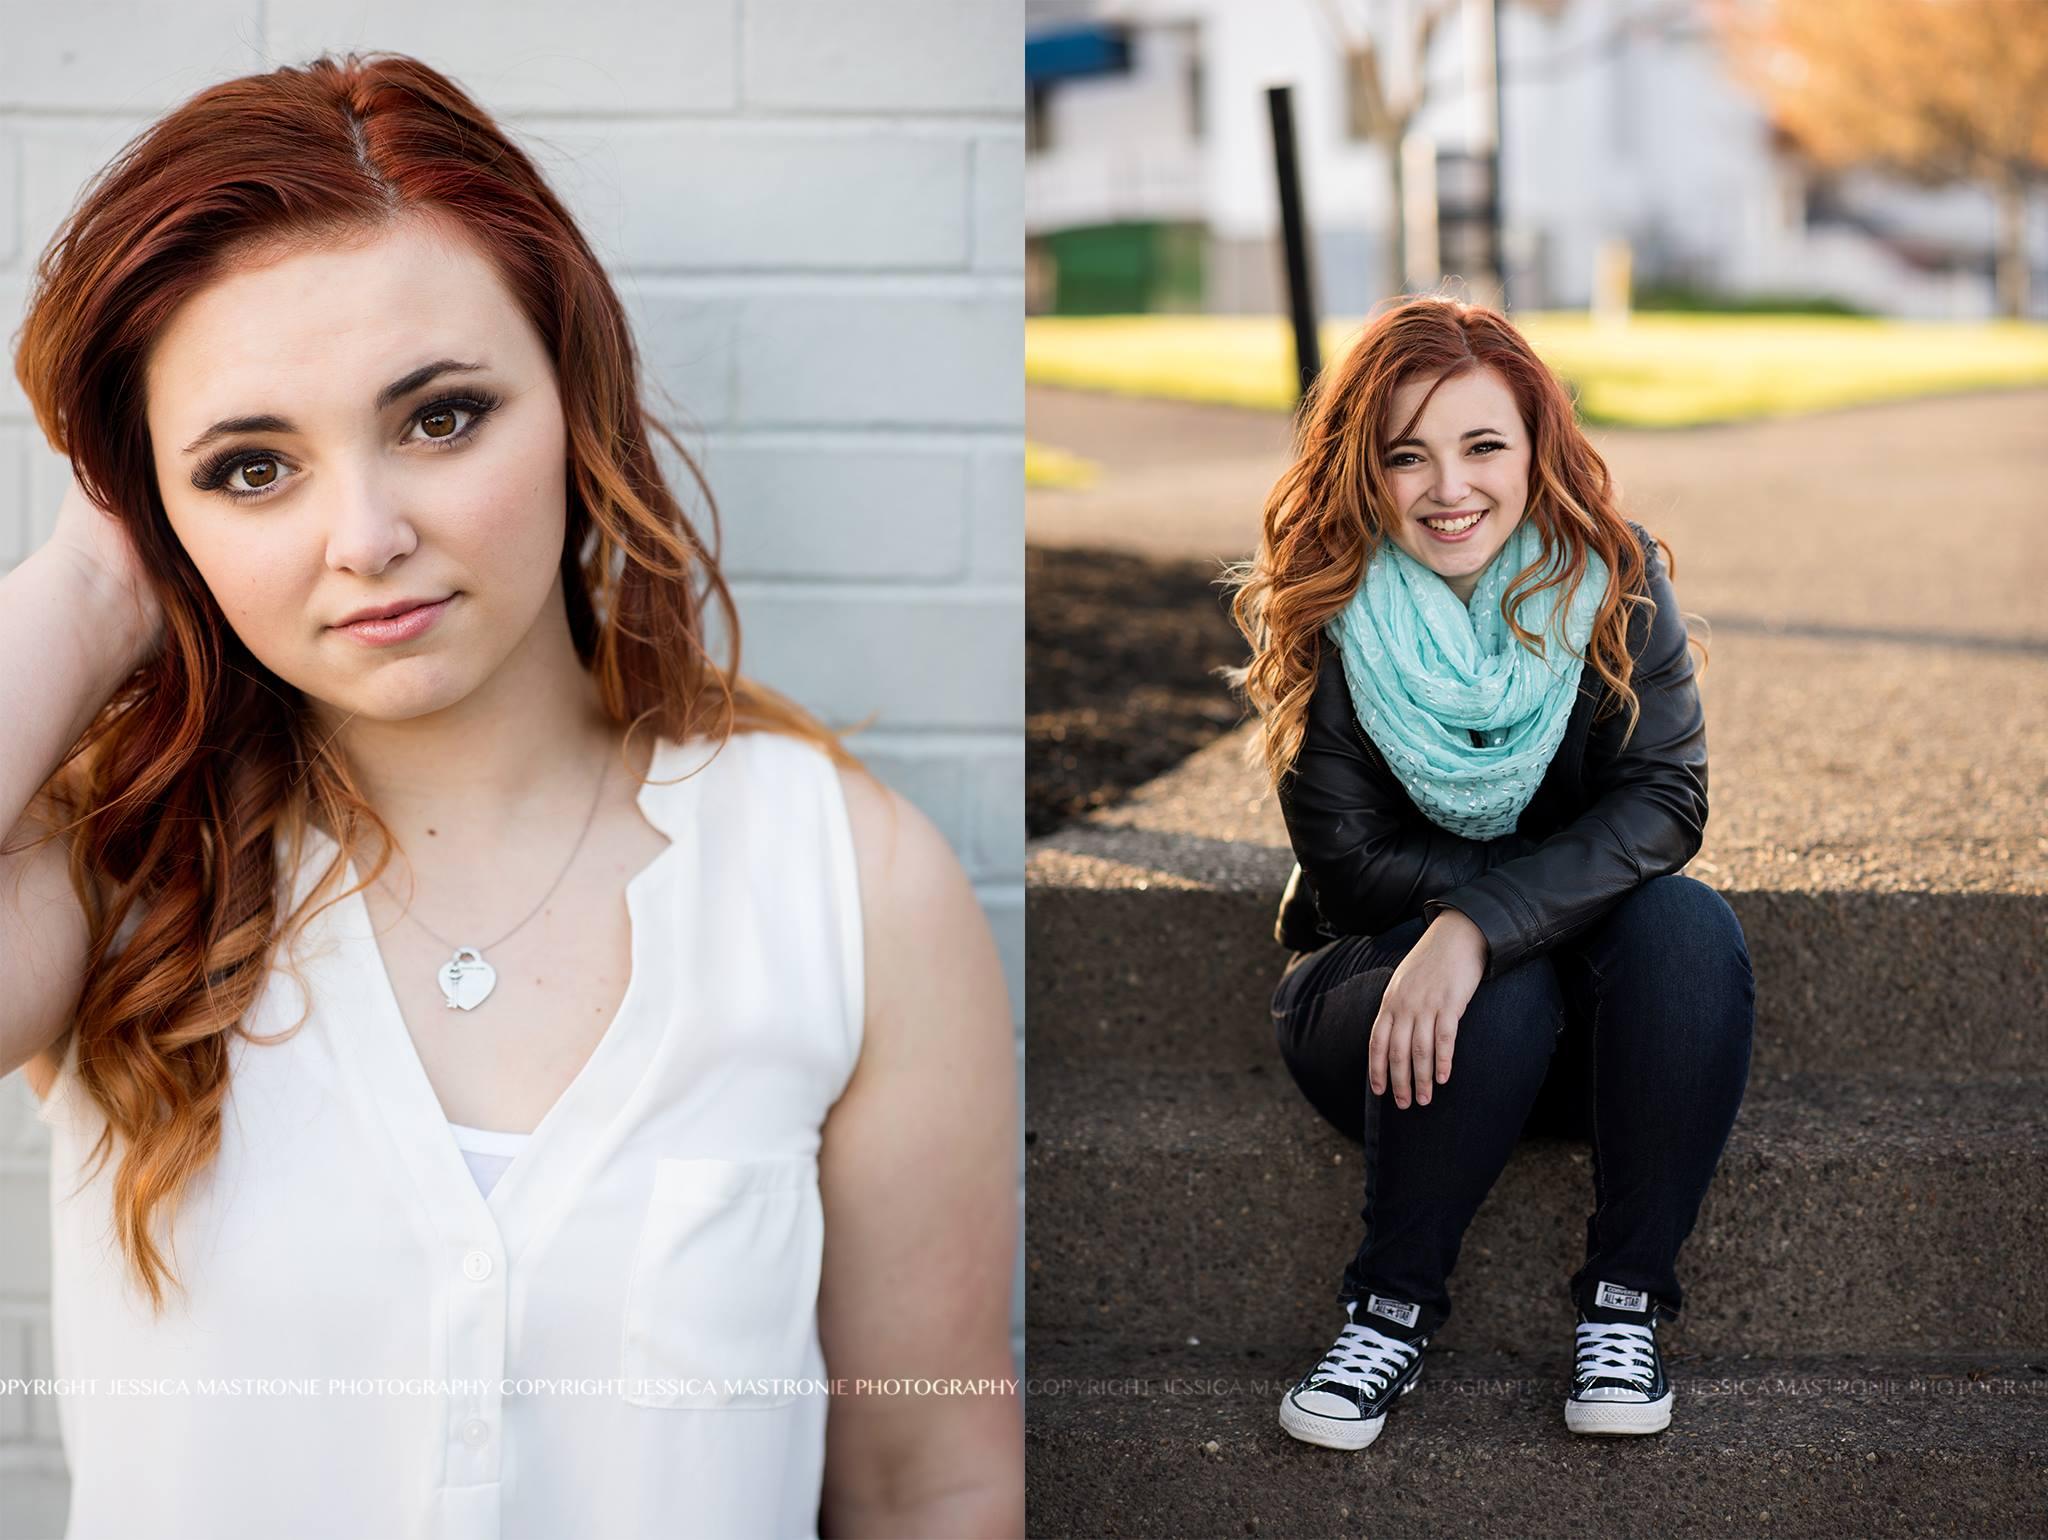 Highschool Portrait Makeup